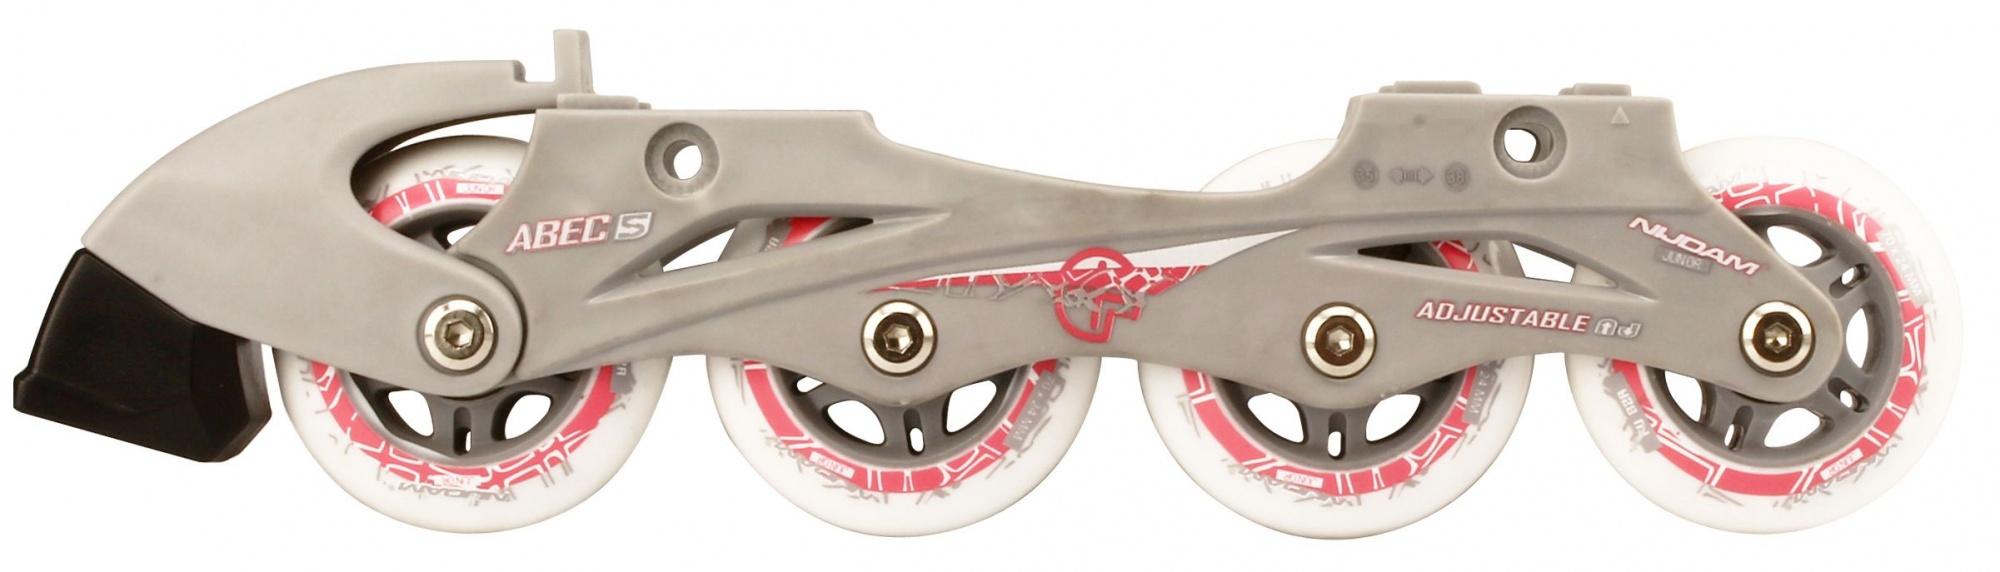 64bc059c819 Nijdam Combo skate/schaats junior roze/zilver - Internet-Sport&Casuals